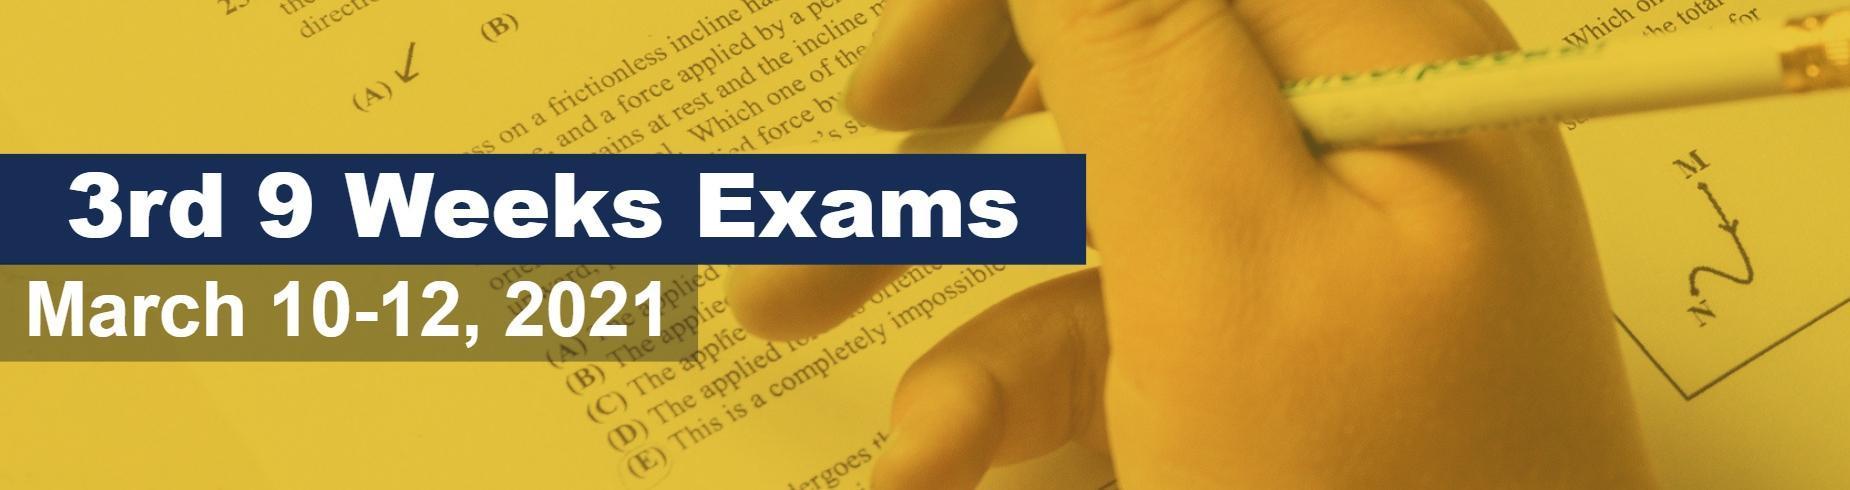 9 weeks exams date